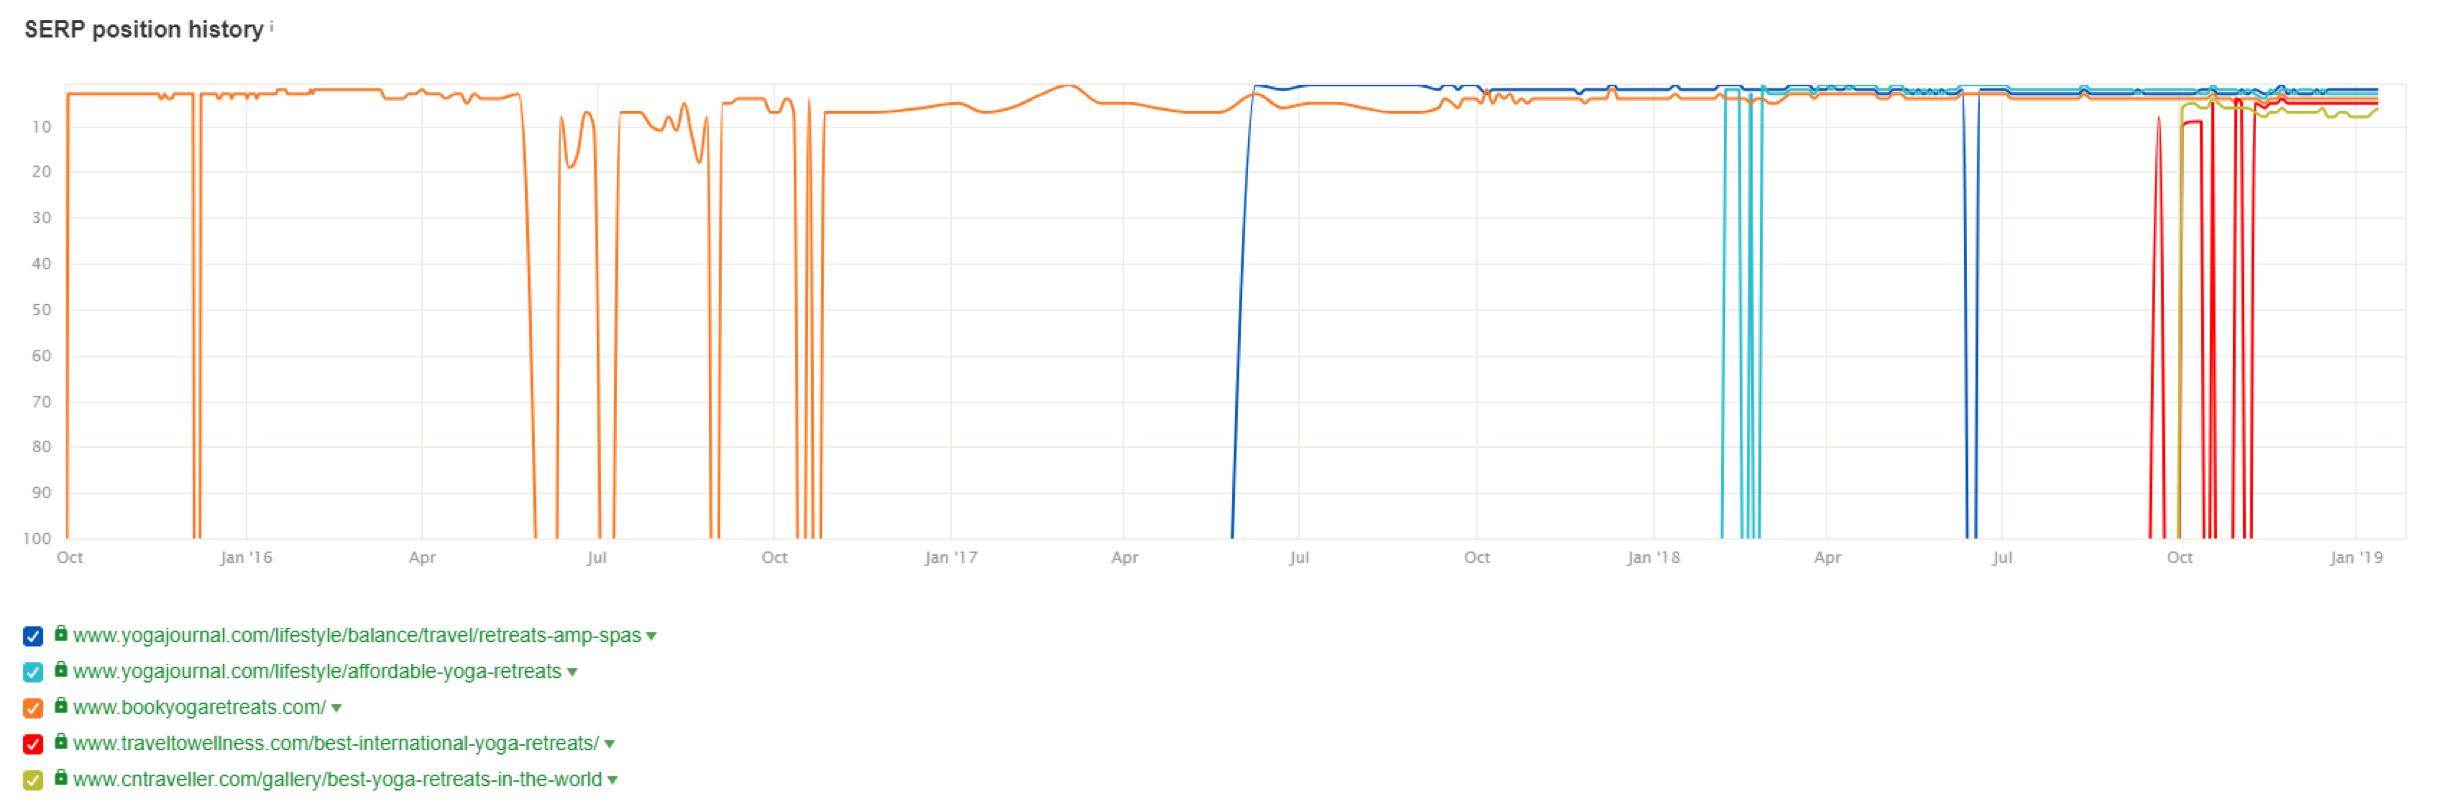 gráfico da intenção do usuário